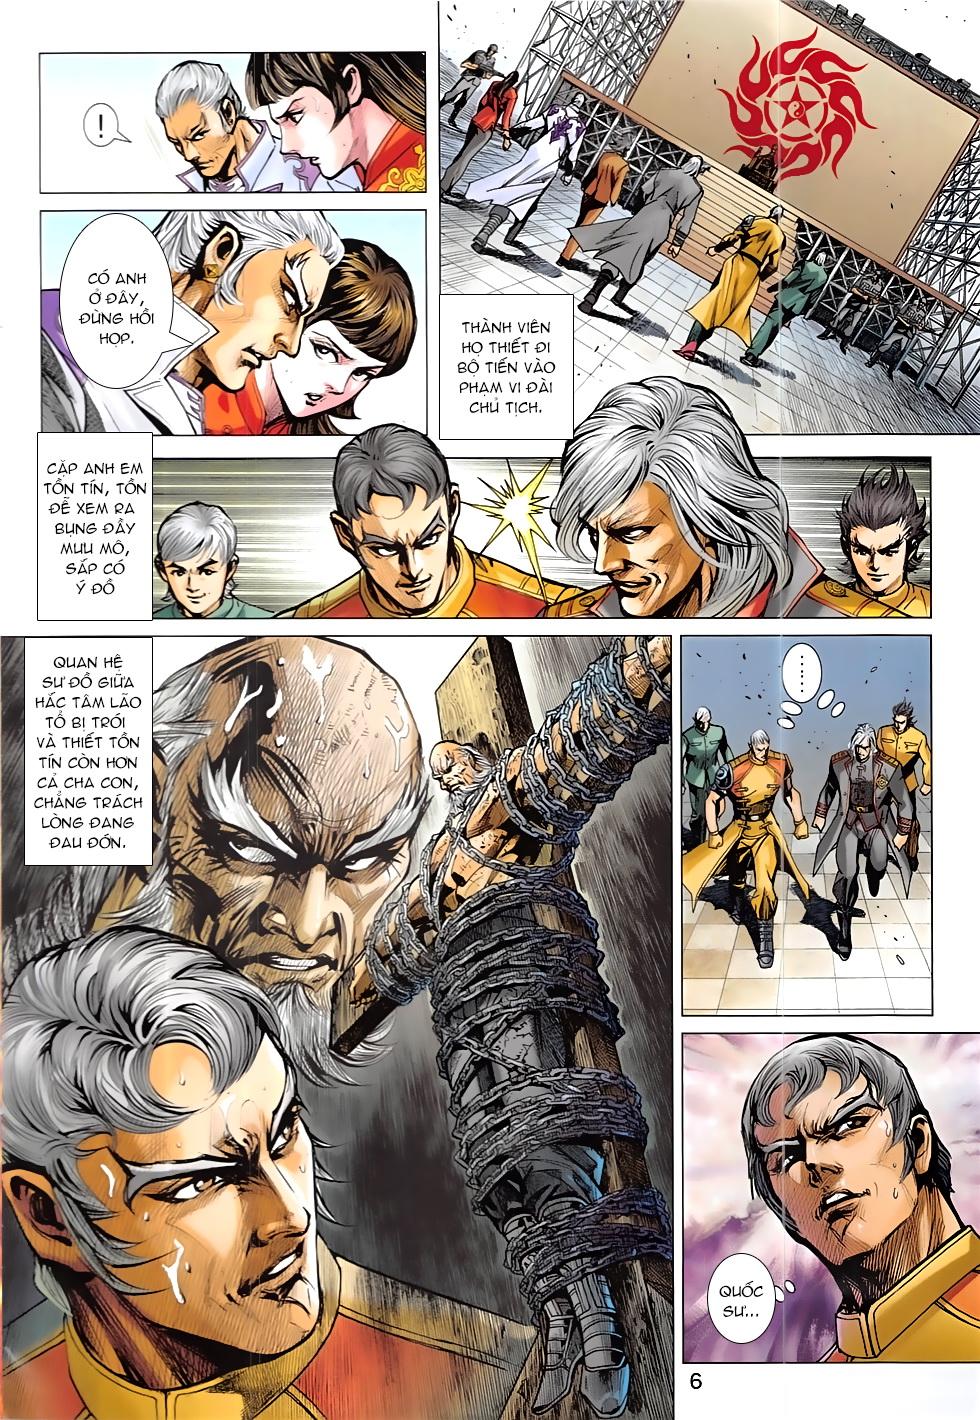 Tân Tác Long Hổ Môn Chap 837 page 6 - Truyentranhaz.net